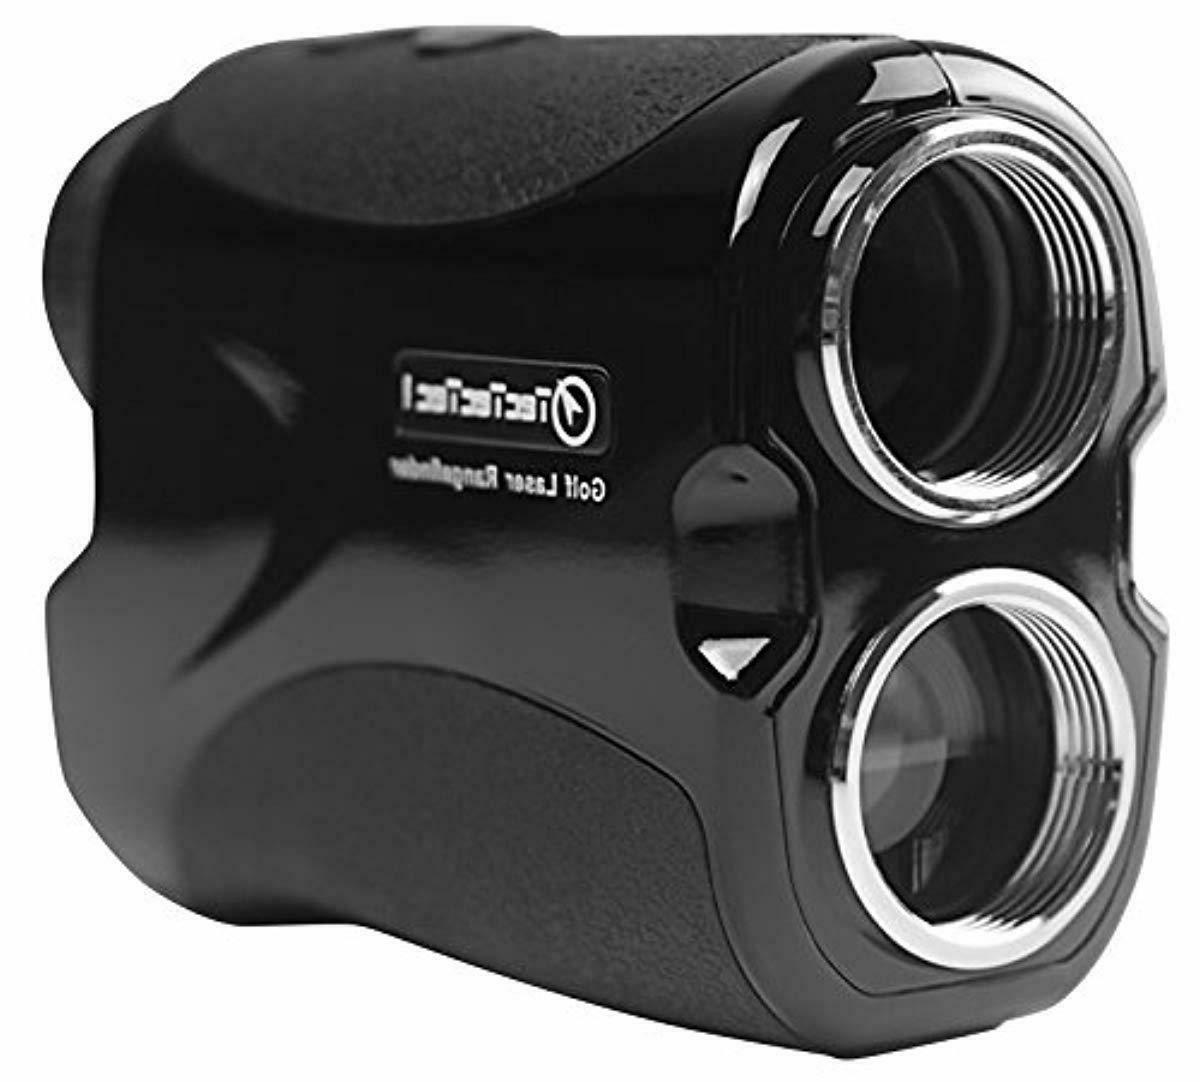 vpro500 golf rangefinder slope laser range finder